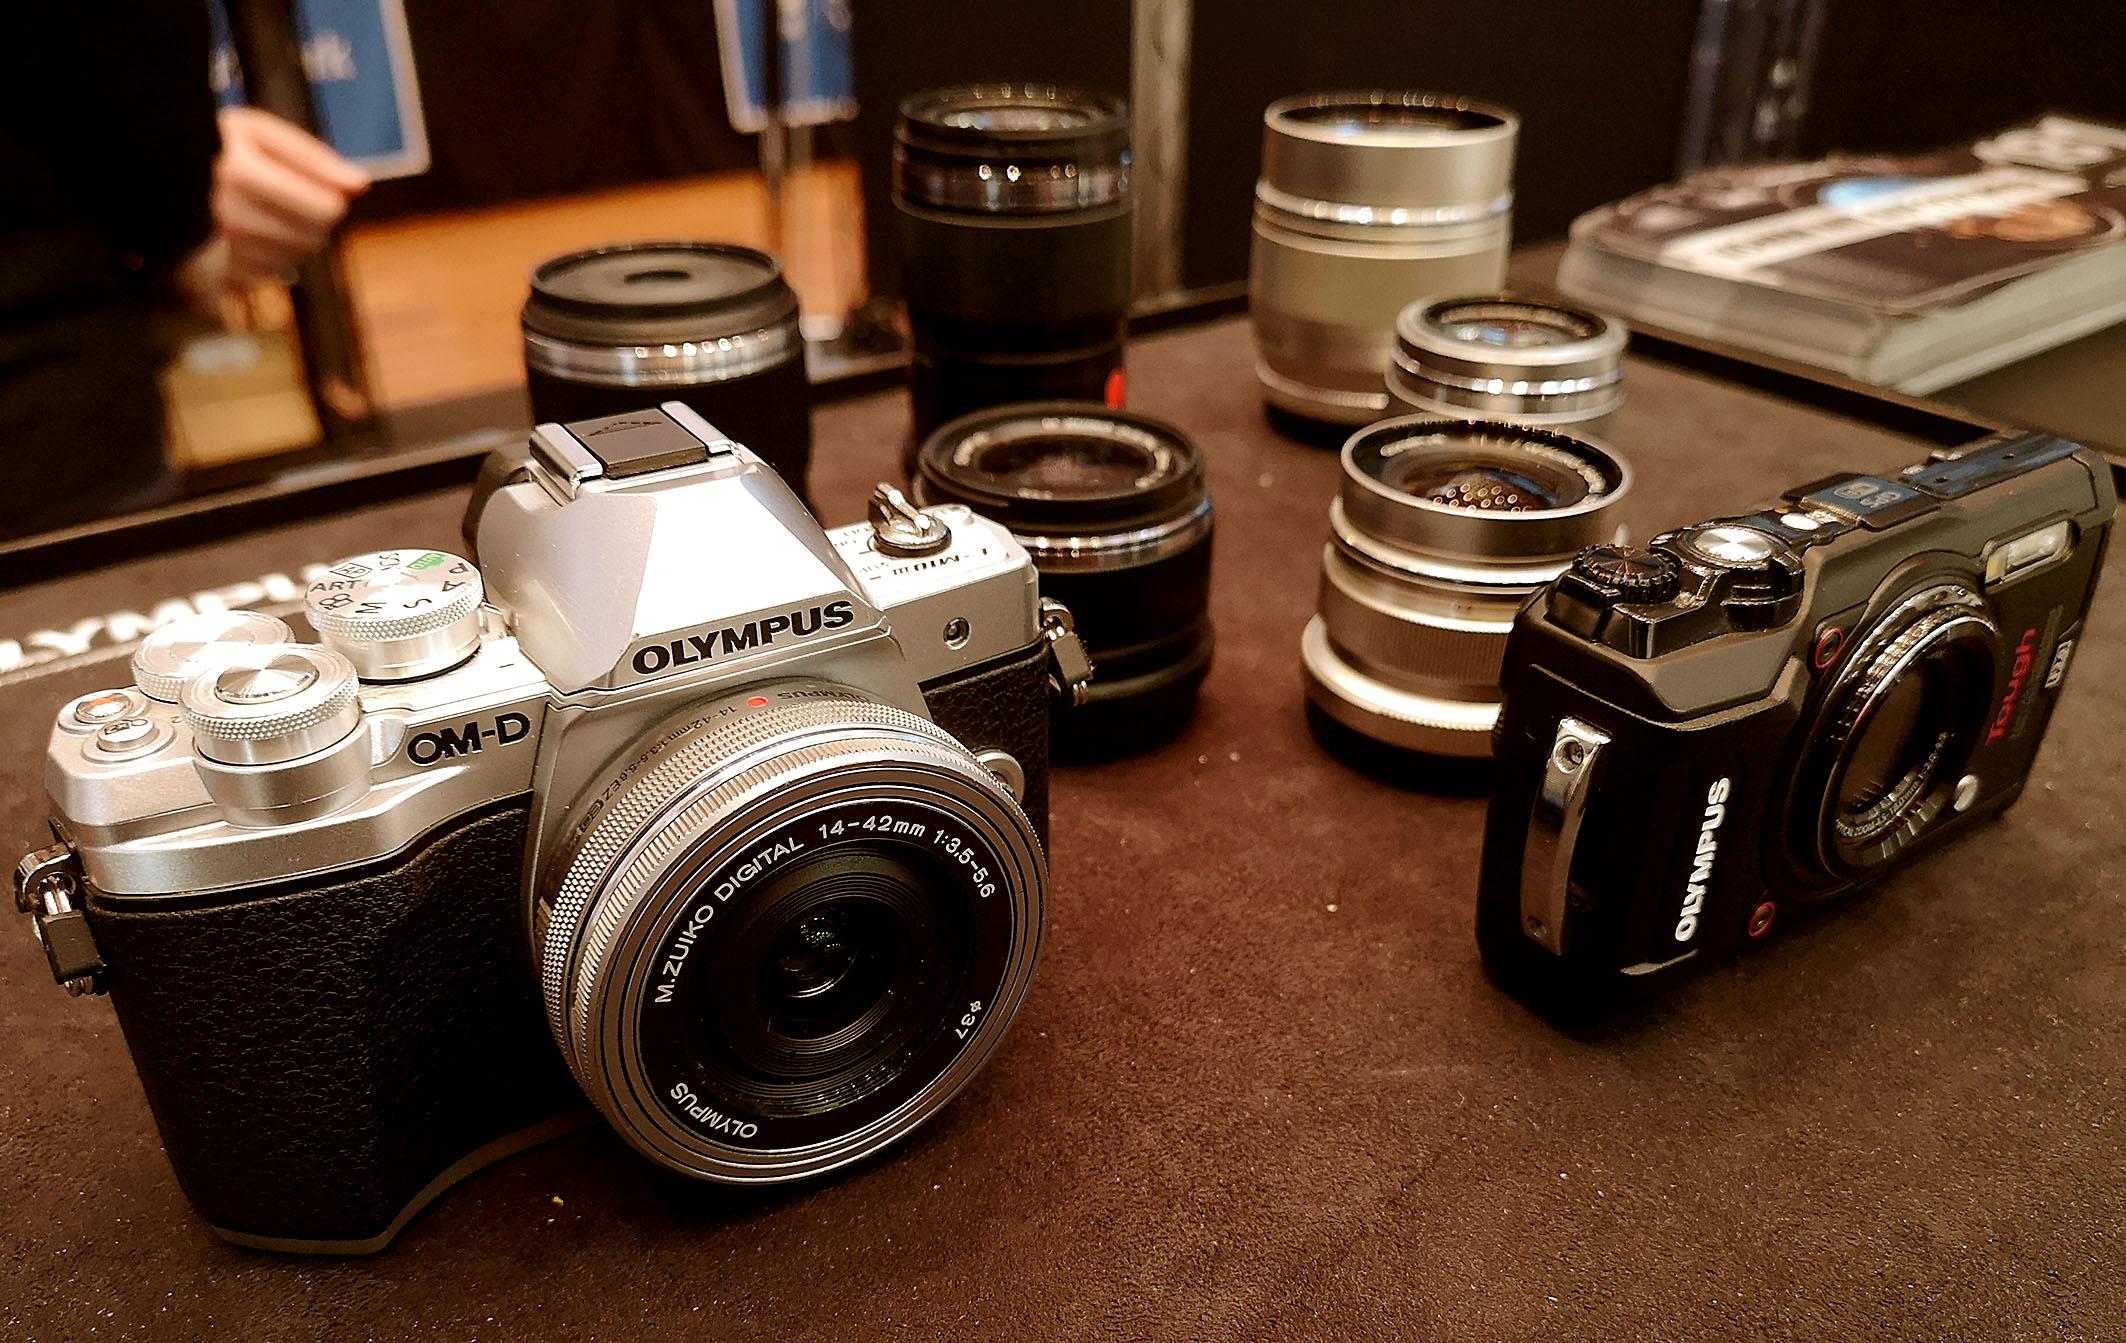 Foto: Michael B. Rehders - Olympus war mit einer großen Auswahl an Fotoapparaten und Objektiven in Freiburg vertreten. Retrokameras erfreuten sich großer Beliebtheit.